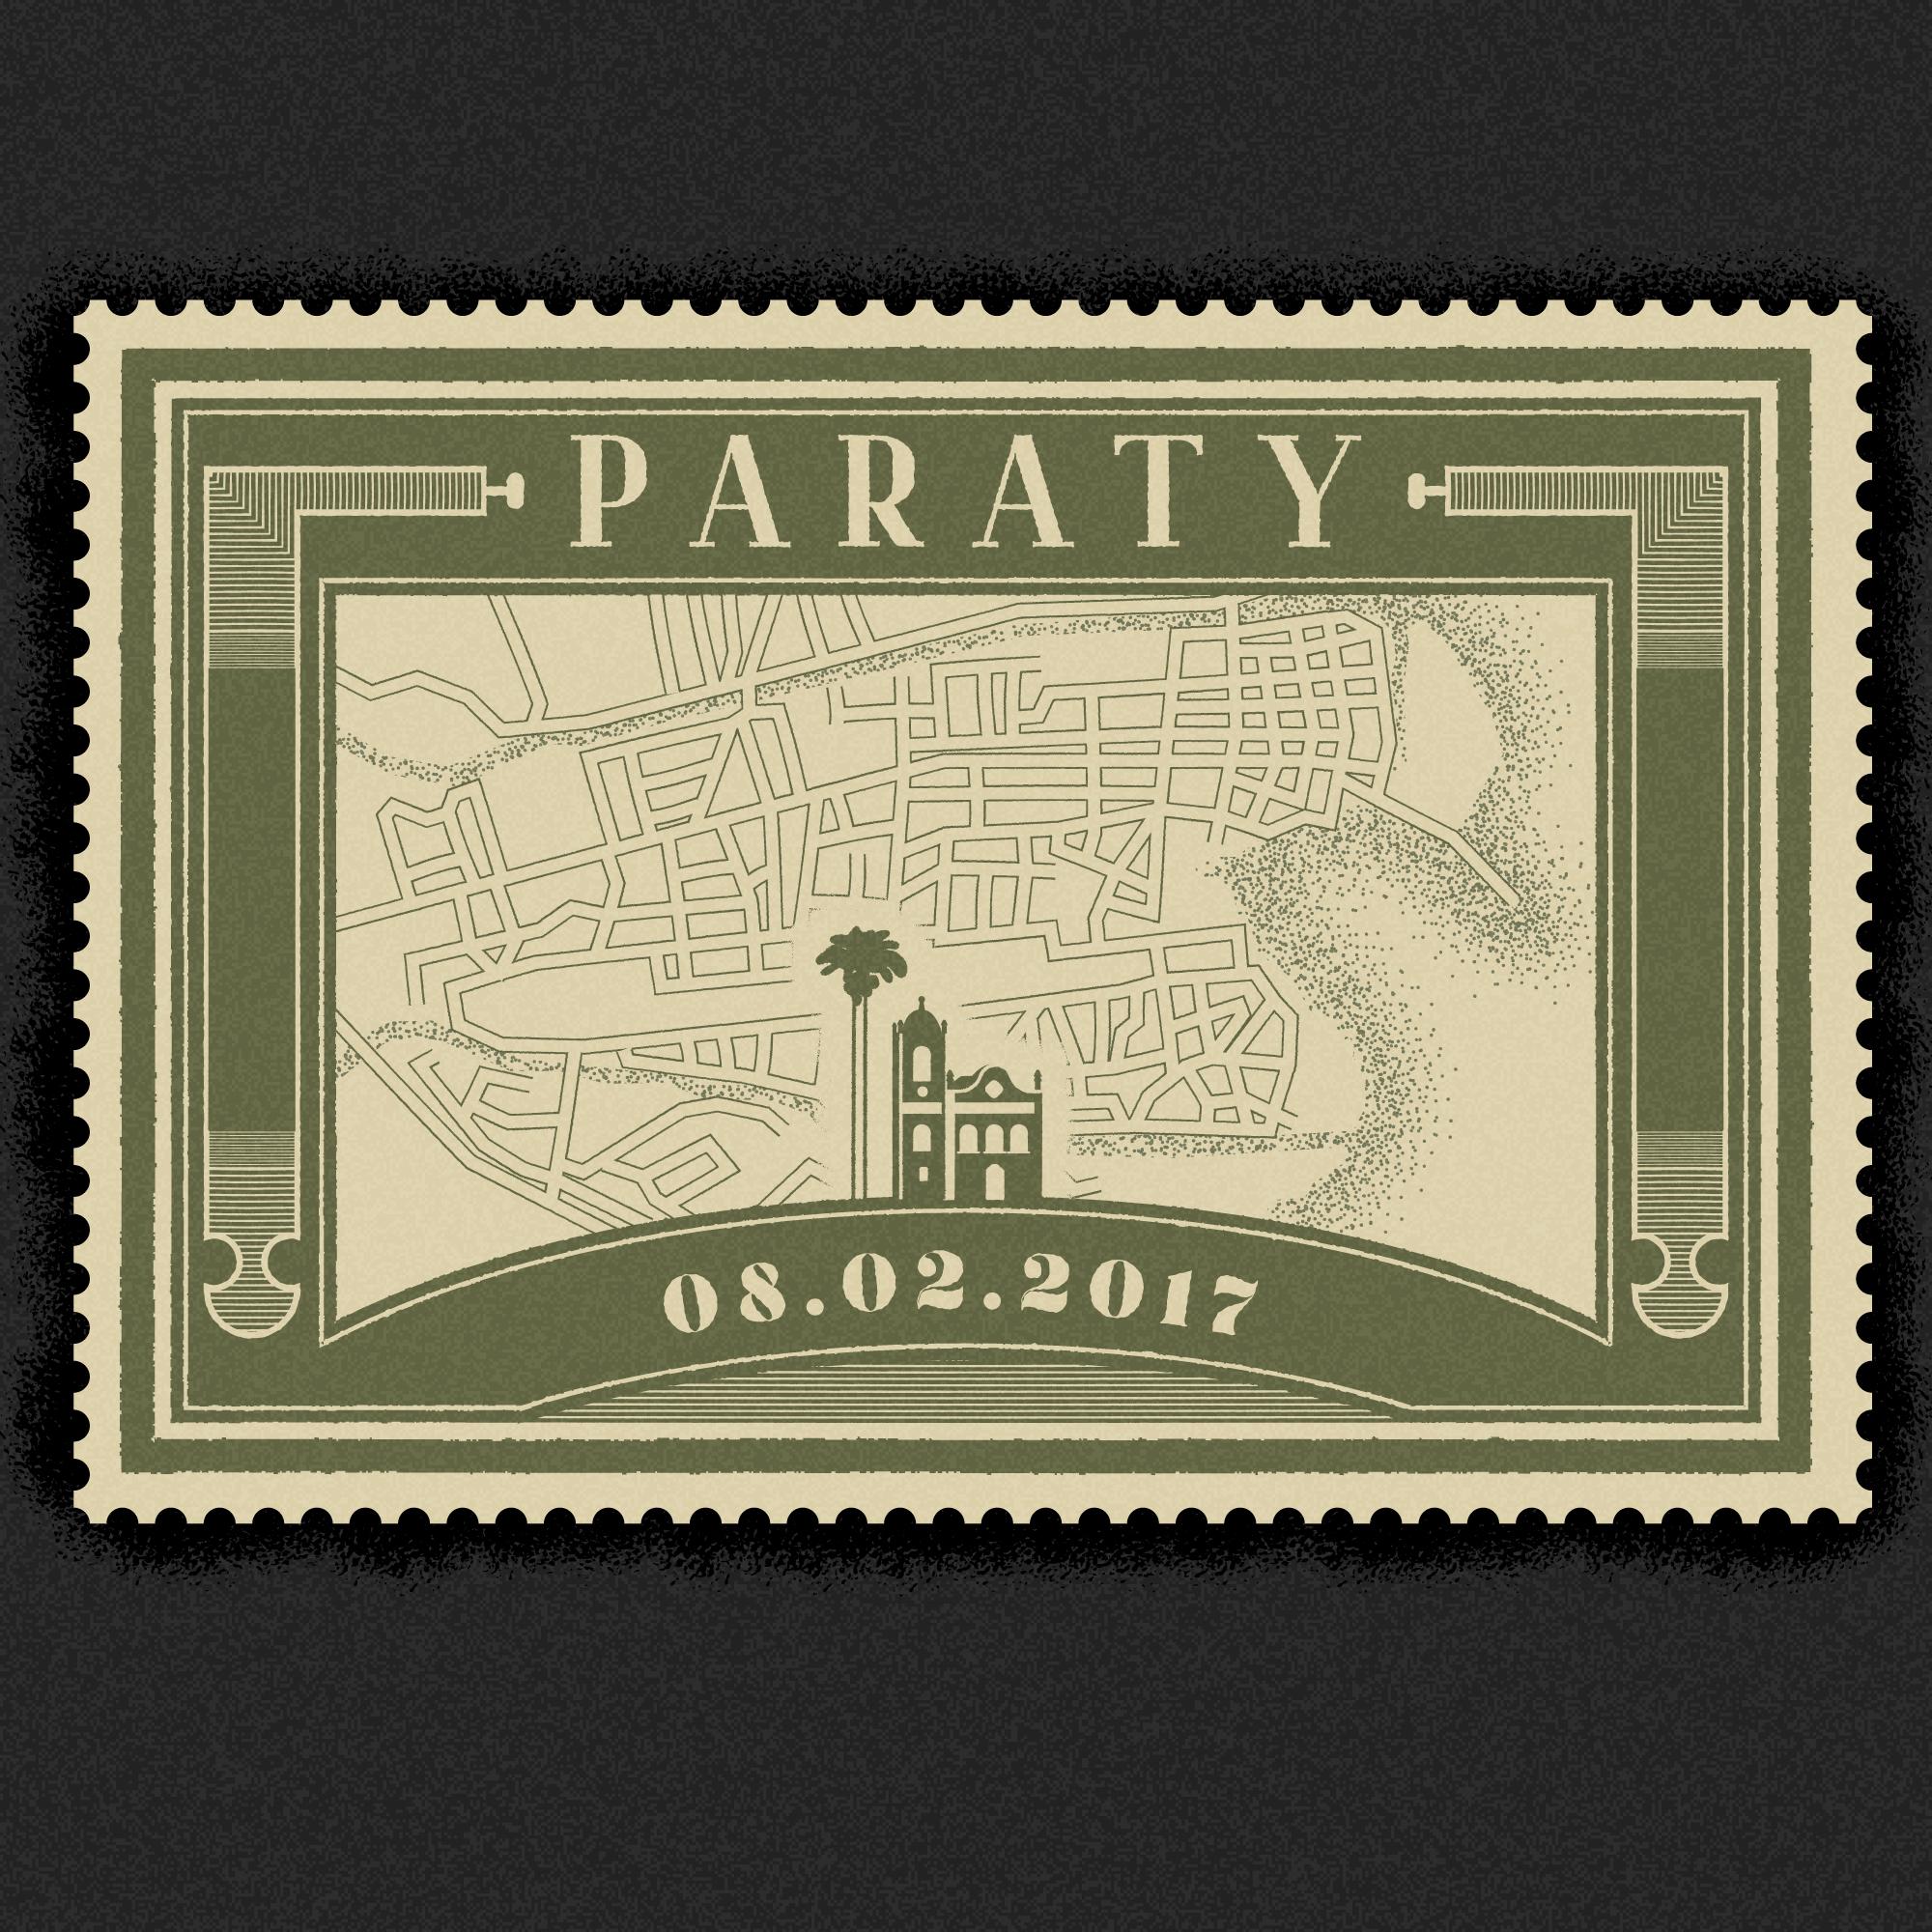 Vintage Paraty, Brazil stamp